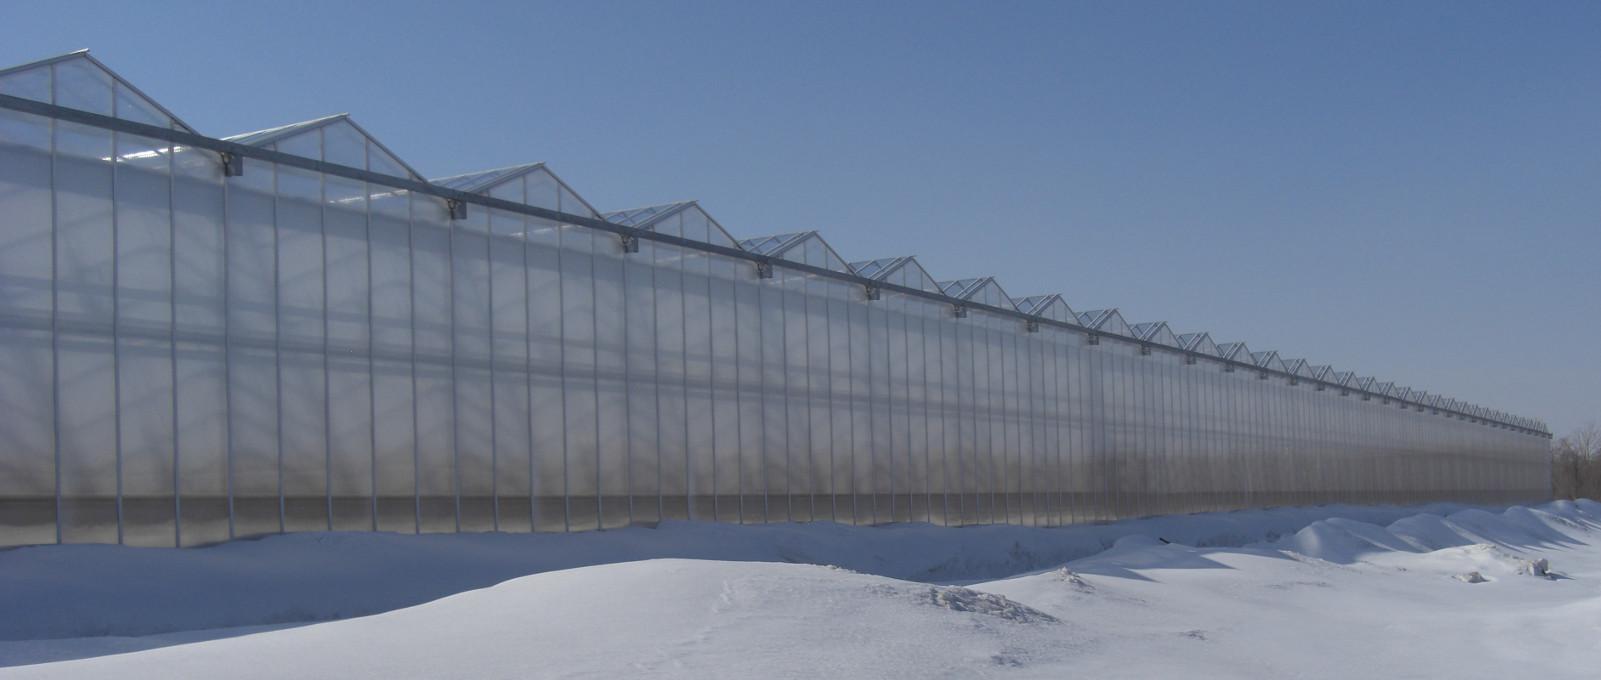 Fabricante de invernaderos rufepa - Invernaderos de cristal ...